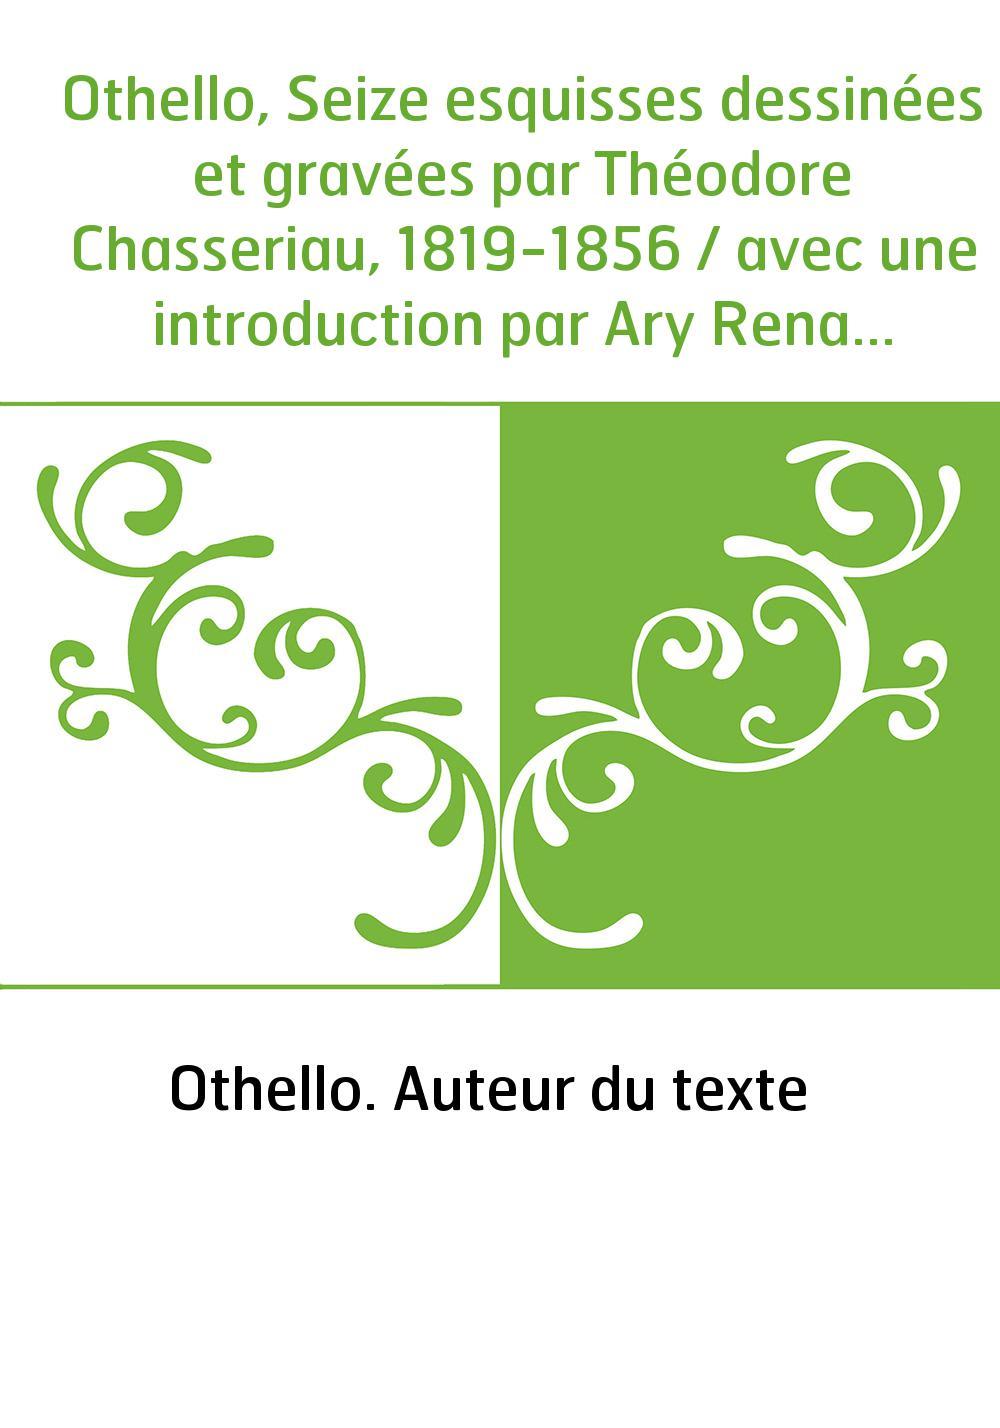 Othello, Seize esquisses dessinées et gravées par Théodore Chasseriau, 1819-1856 / avec une introduction par Ary Renan